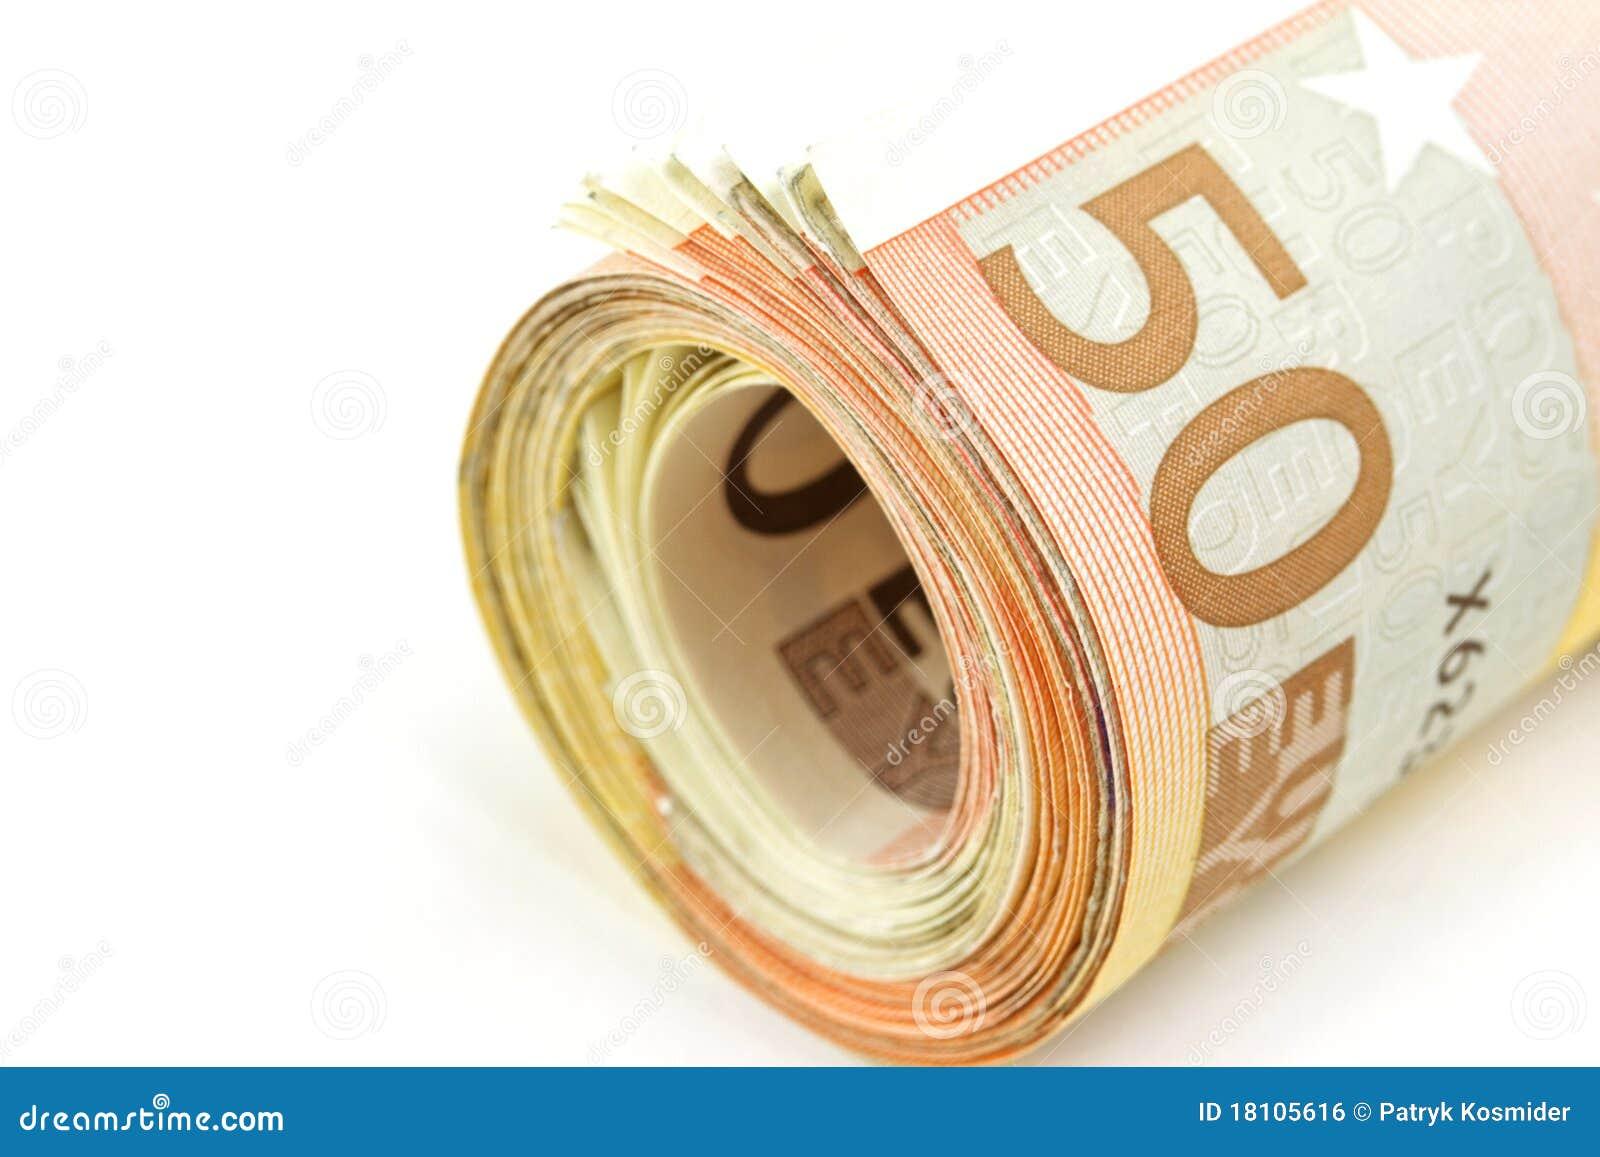 Dejting Gratis 50 Euro